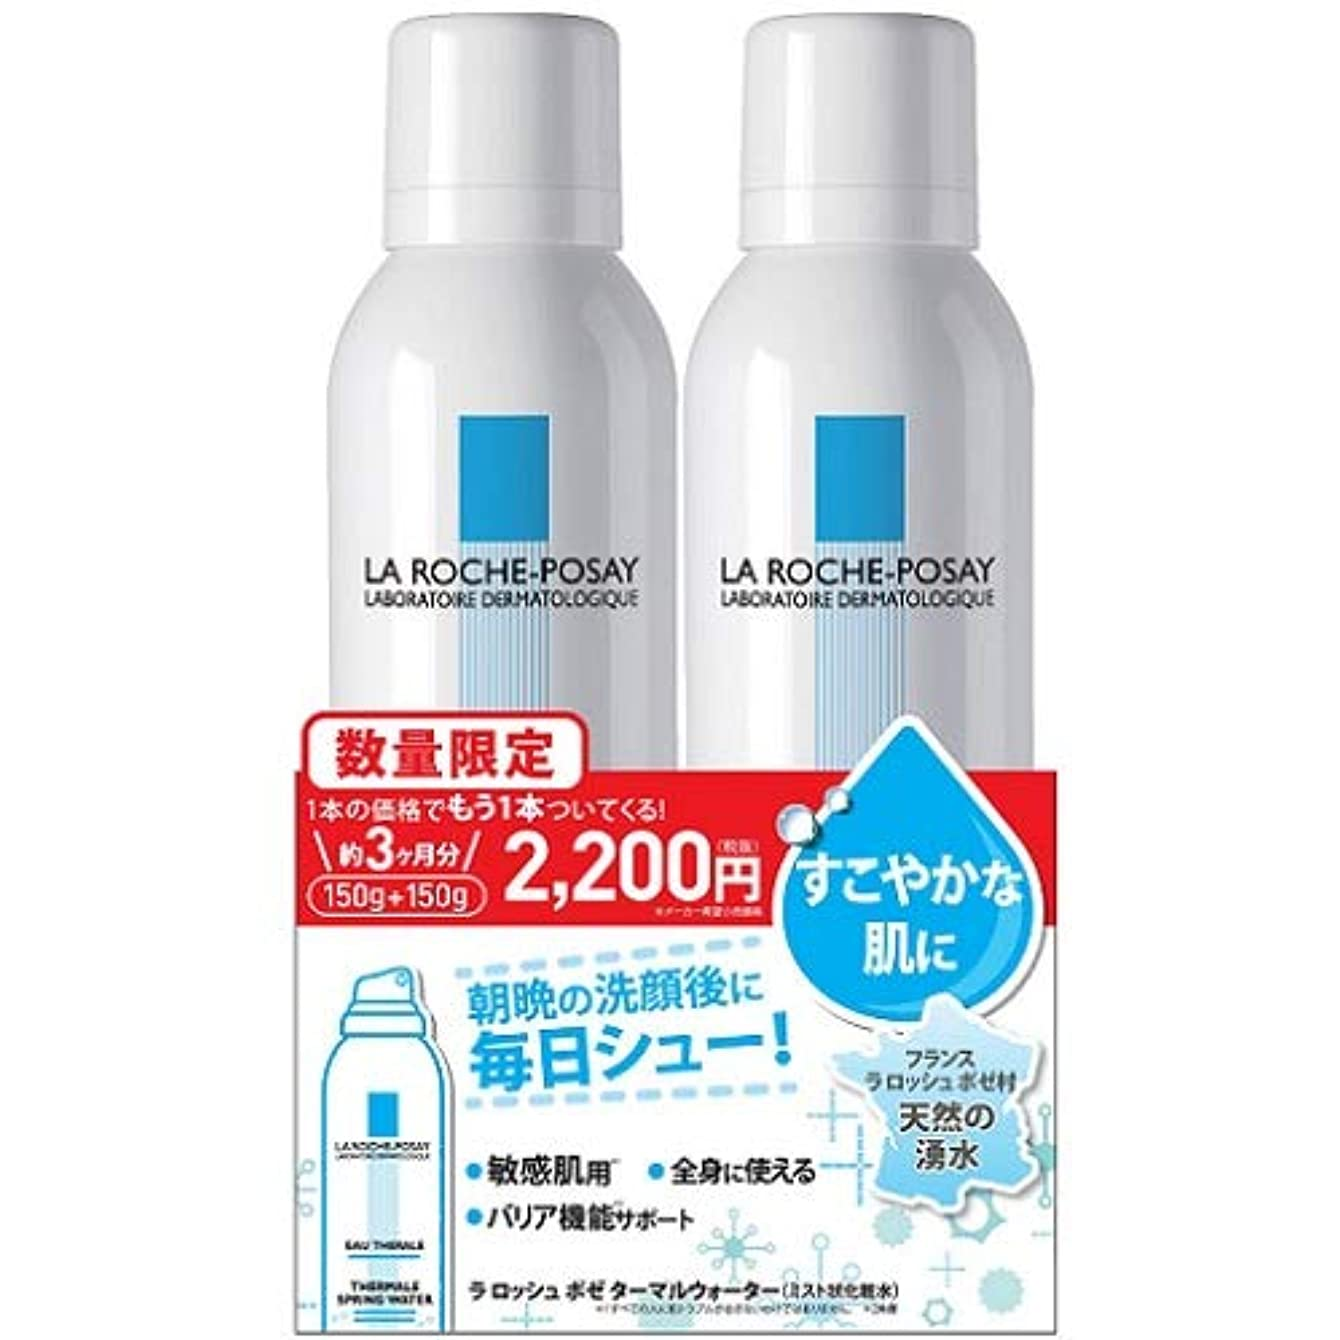 病者インフルエンザリファインLa Roche-Posay(ラロッシュポゼ) 【敏感肌用*ミスト状化粧水】ターマルウォーター150g+150gキット